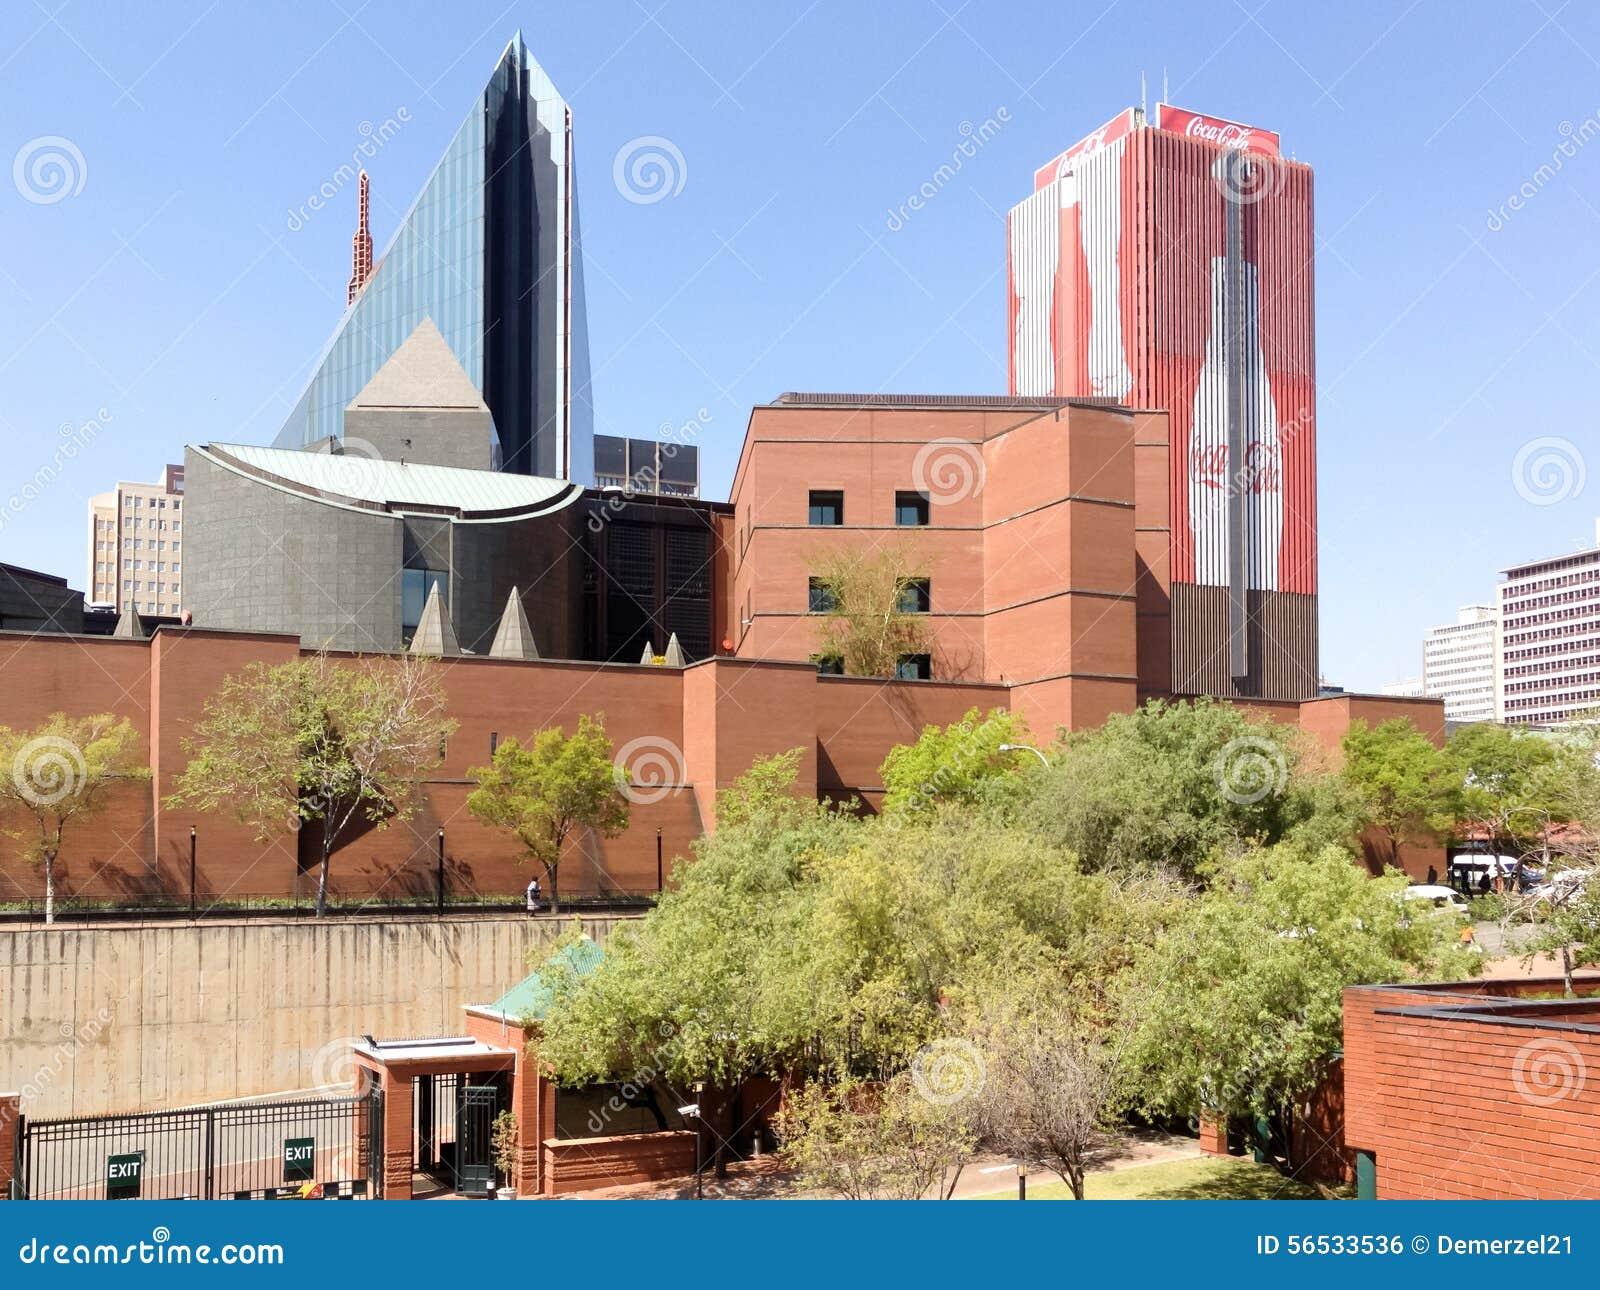 Distrito financiero central - Johannesburgo, Suráfrica